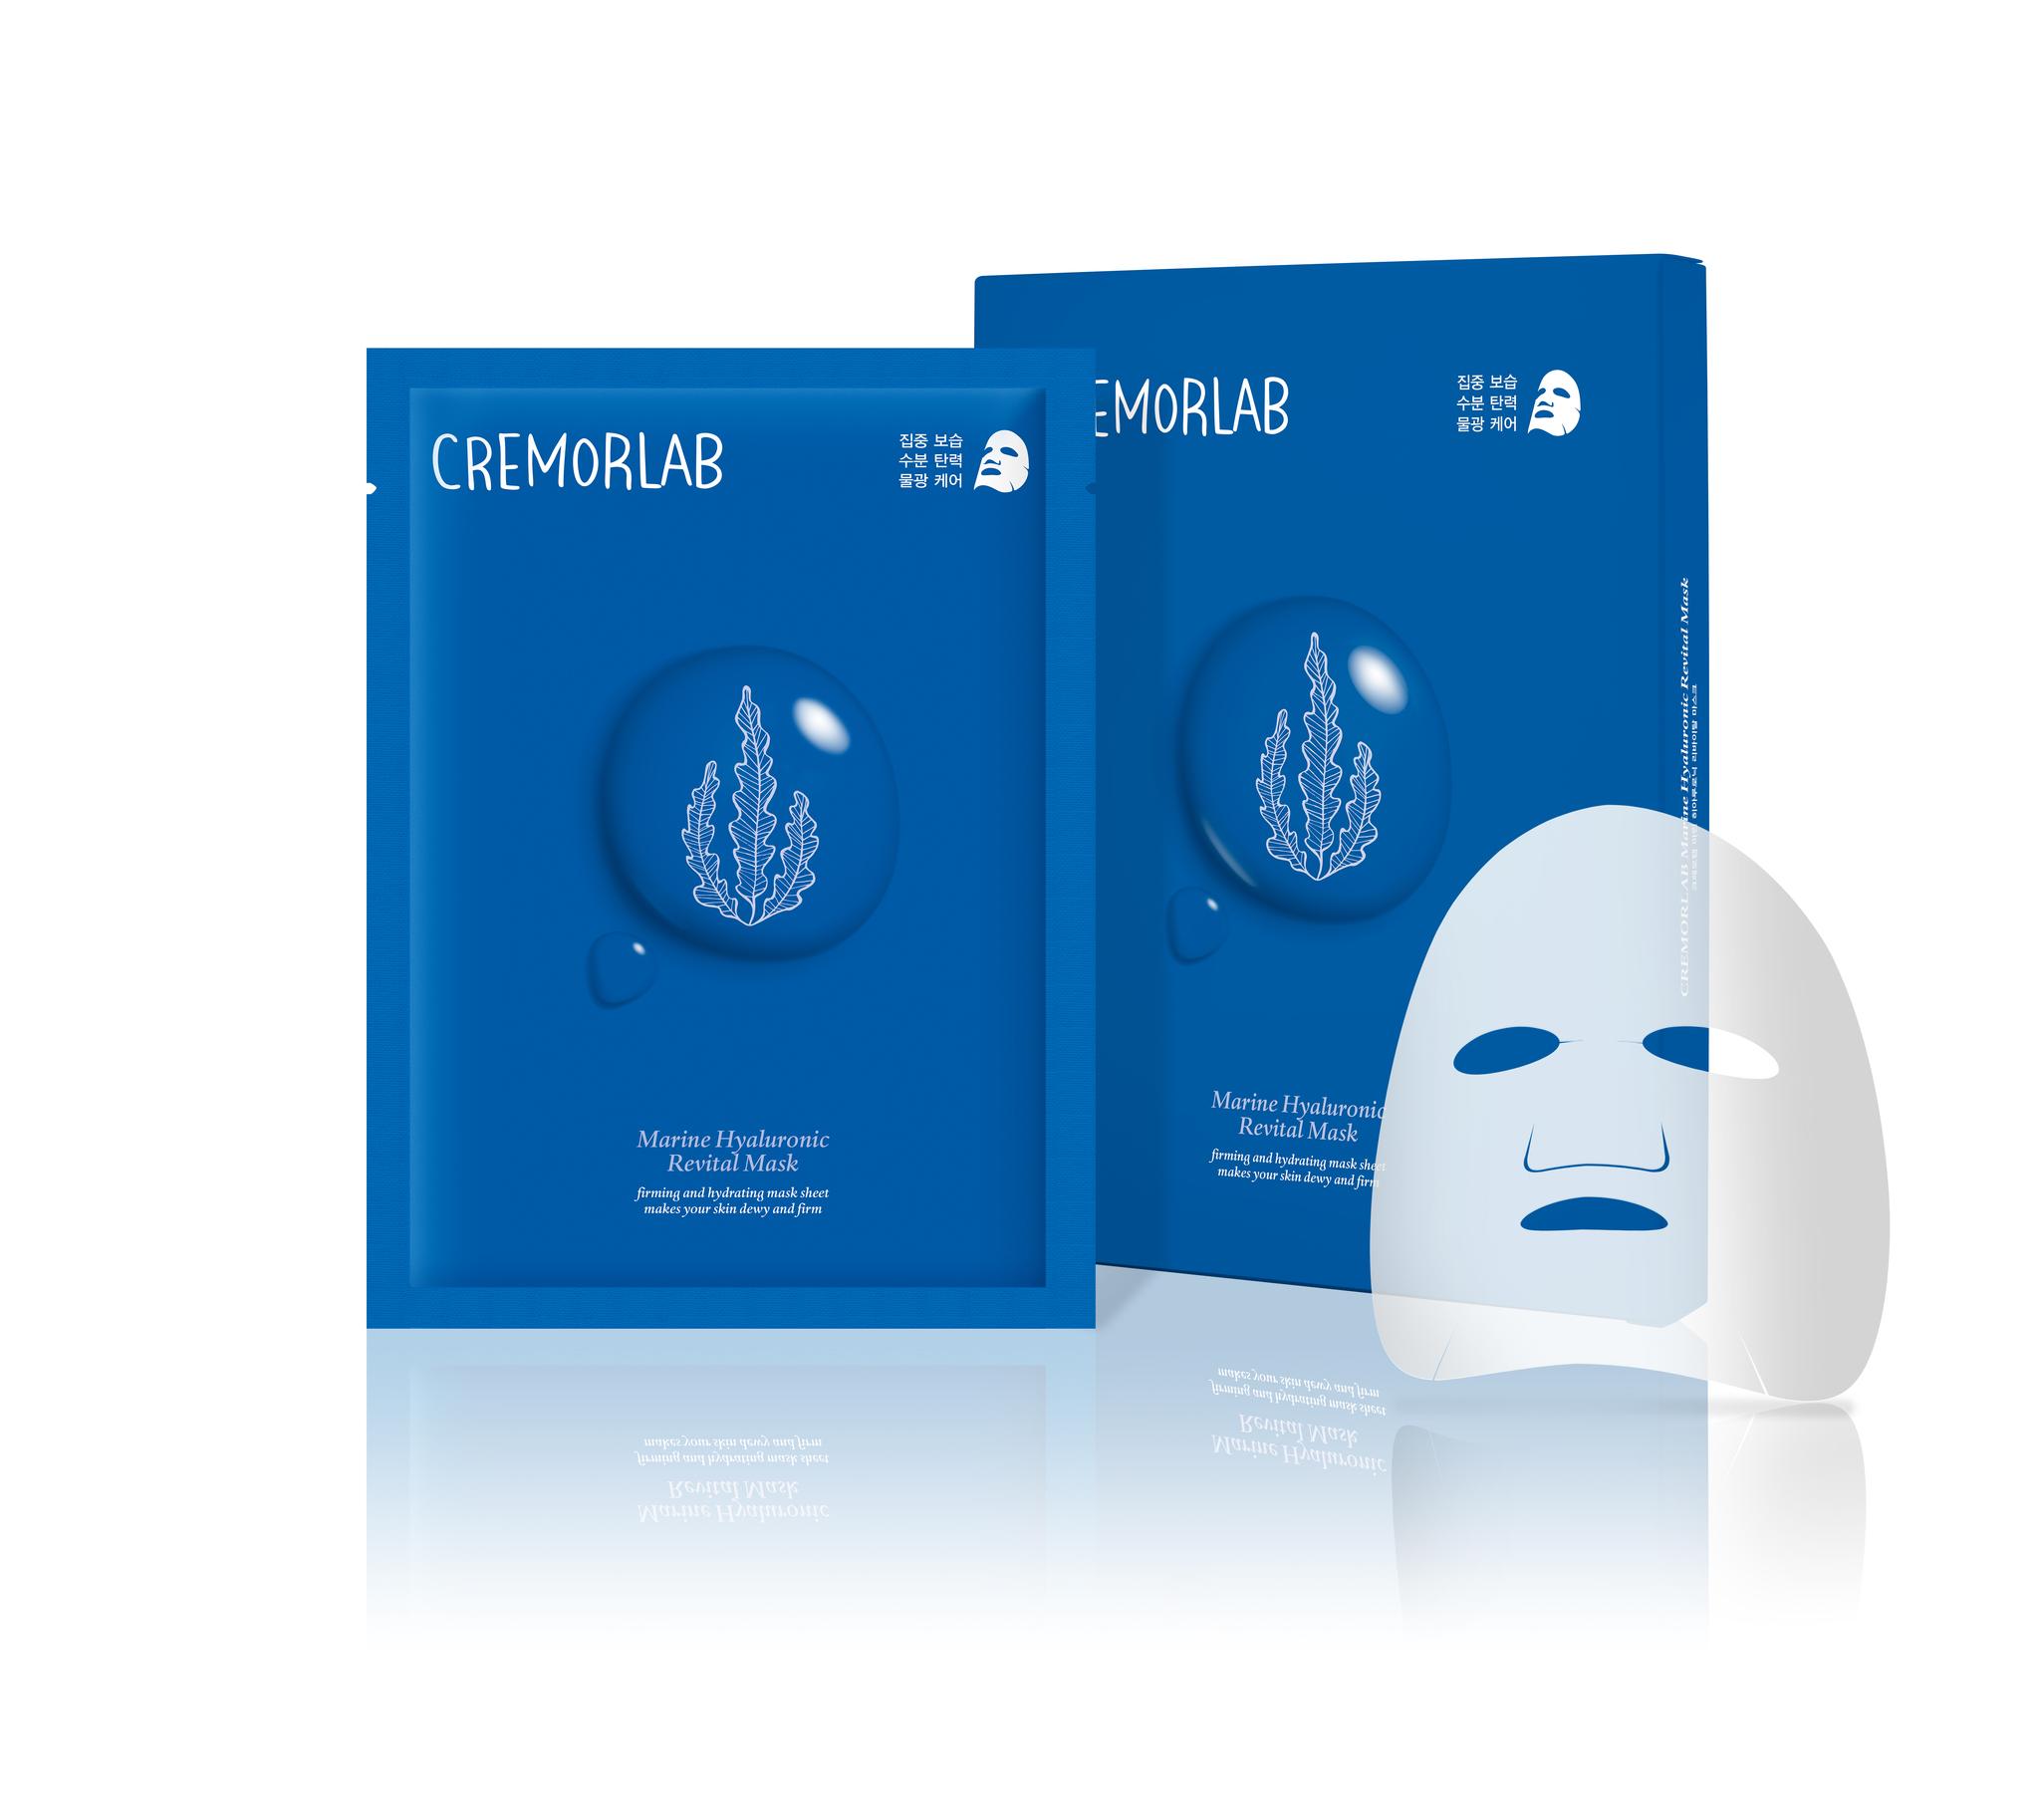 CREMORLAB Ревитализирующая маска с морскими водорослями, 1шт.